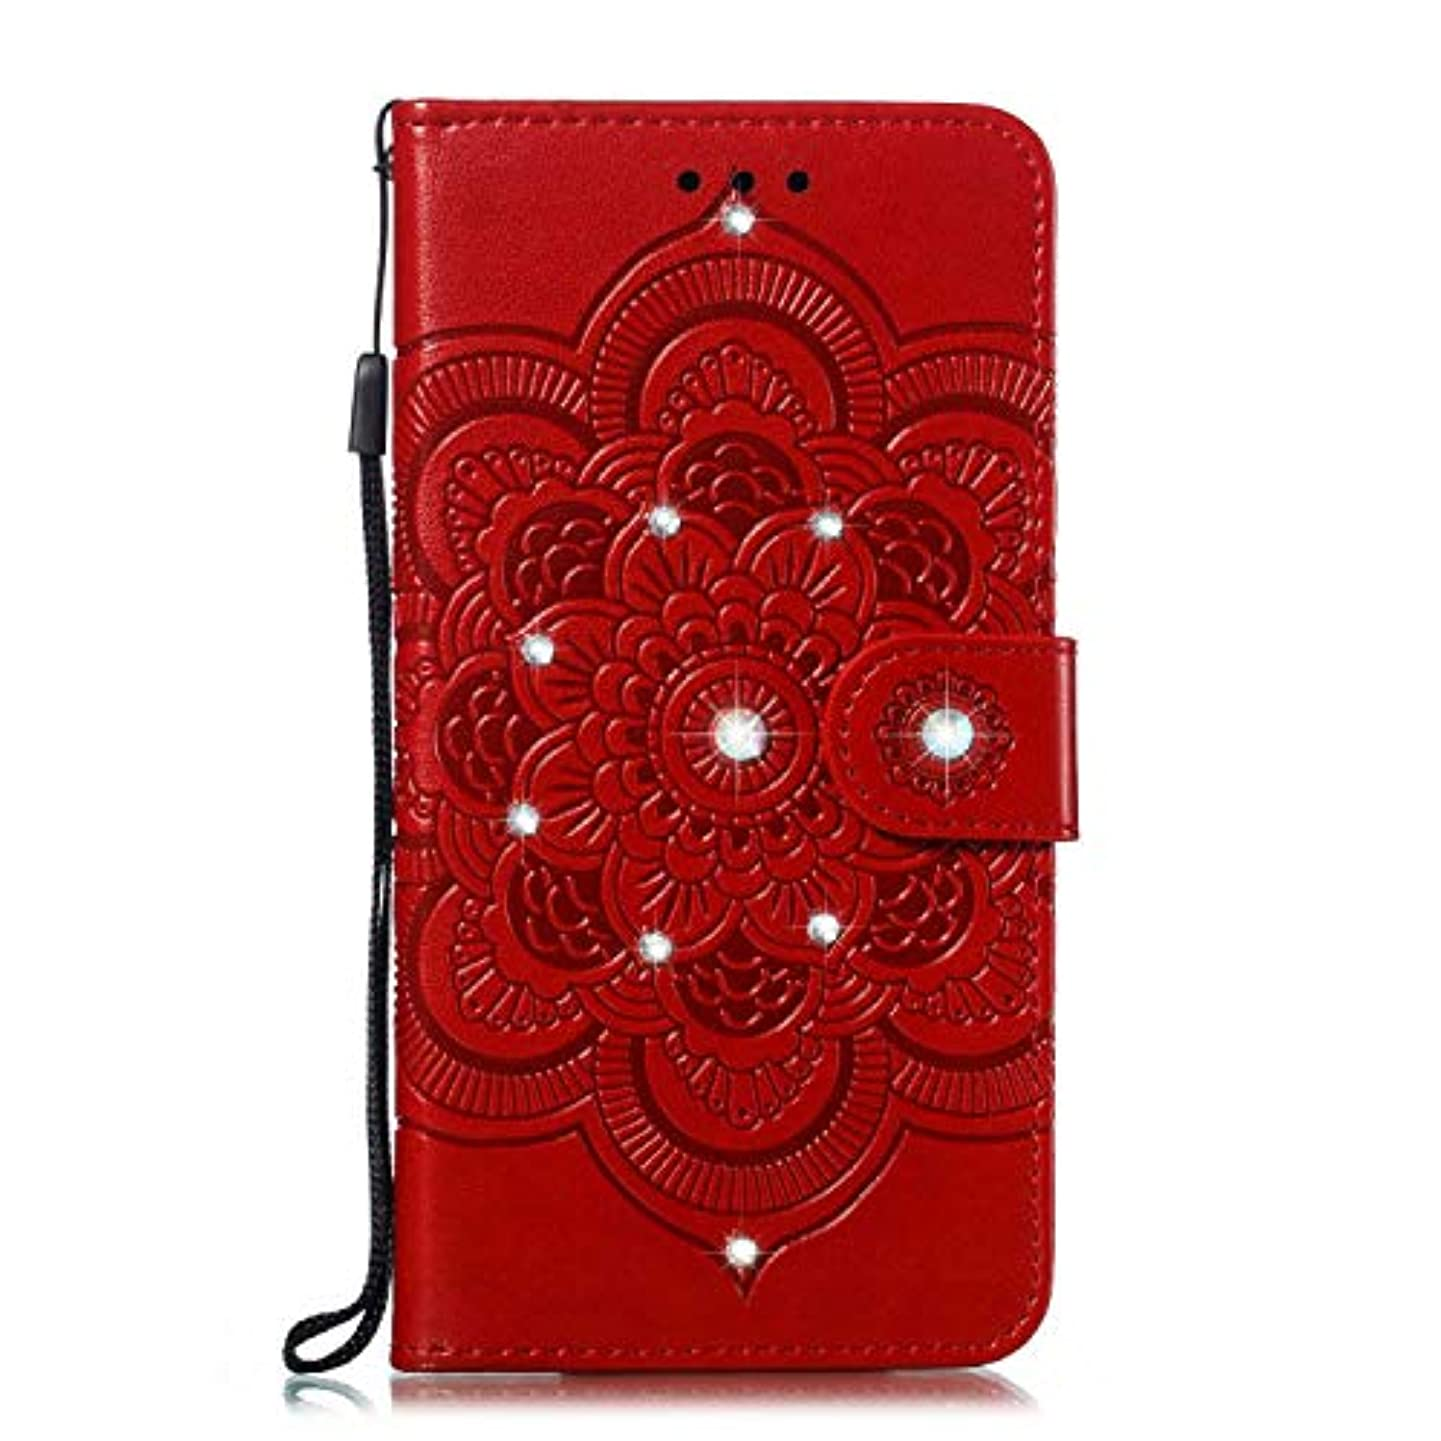 引き出し憤るペルソナOMATENTI Xiaomi MI 8 Lite ケース 手帳型 かわいい レディース用 合皮PUレザー 財布型 保護ケース ザー カード収納 スタンド 機能 マグネット 人気 高品質 ダイヤモンドの輝き マンダラのエンボス加工 ケース, 赤